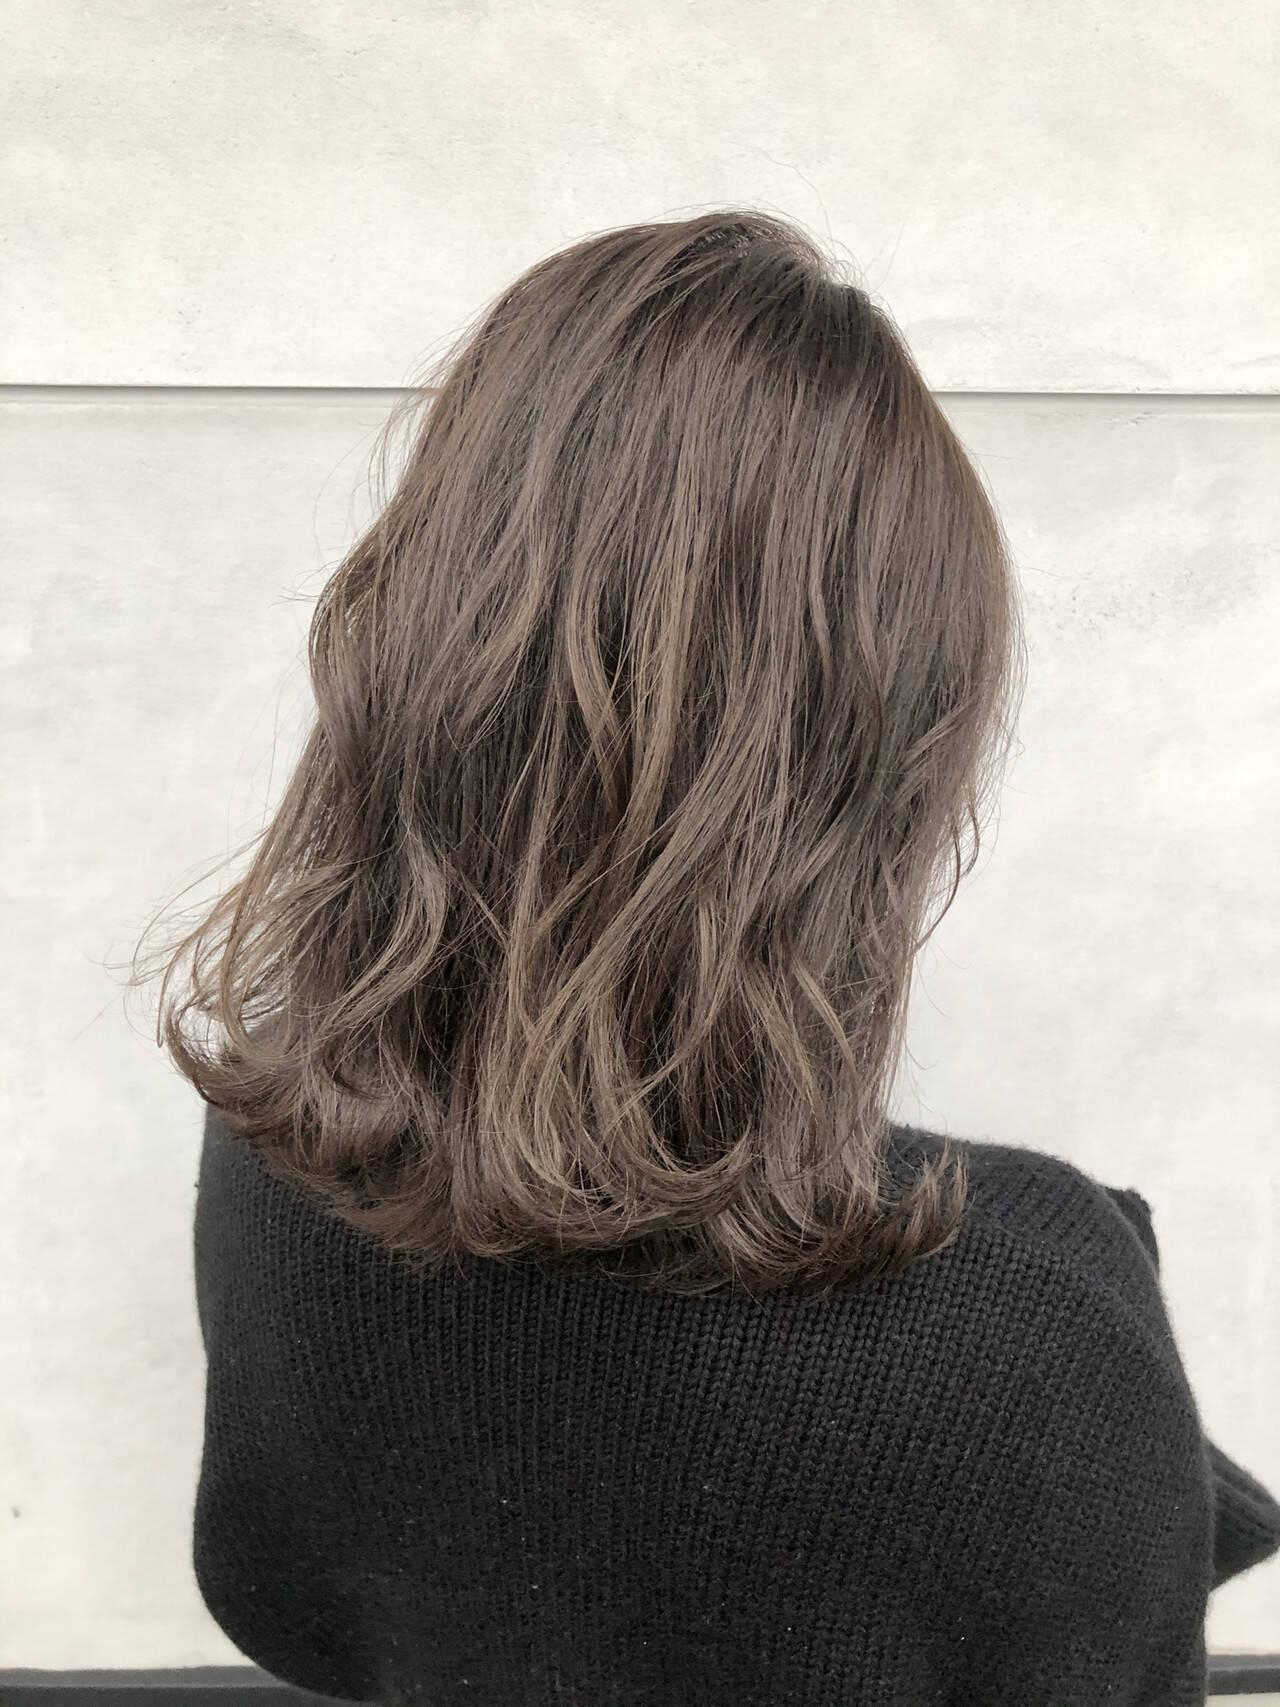 ベージュ ミディアム ミルクティーベージュ グレージュヘアスタイルや髪型の写真・画像